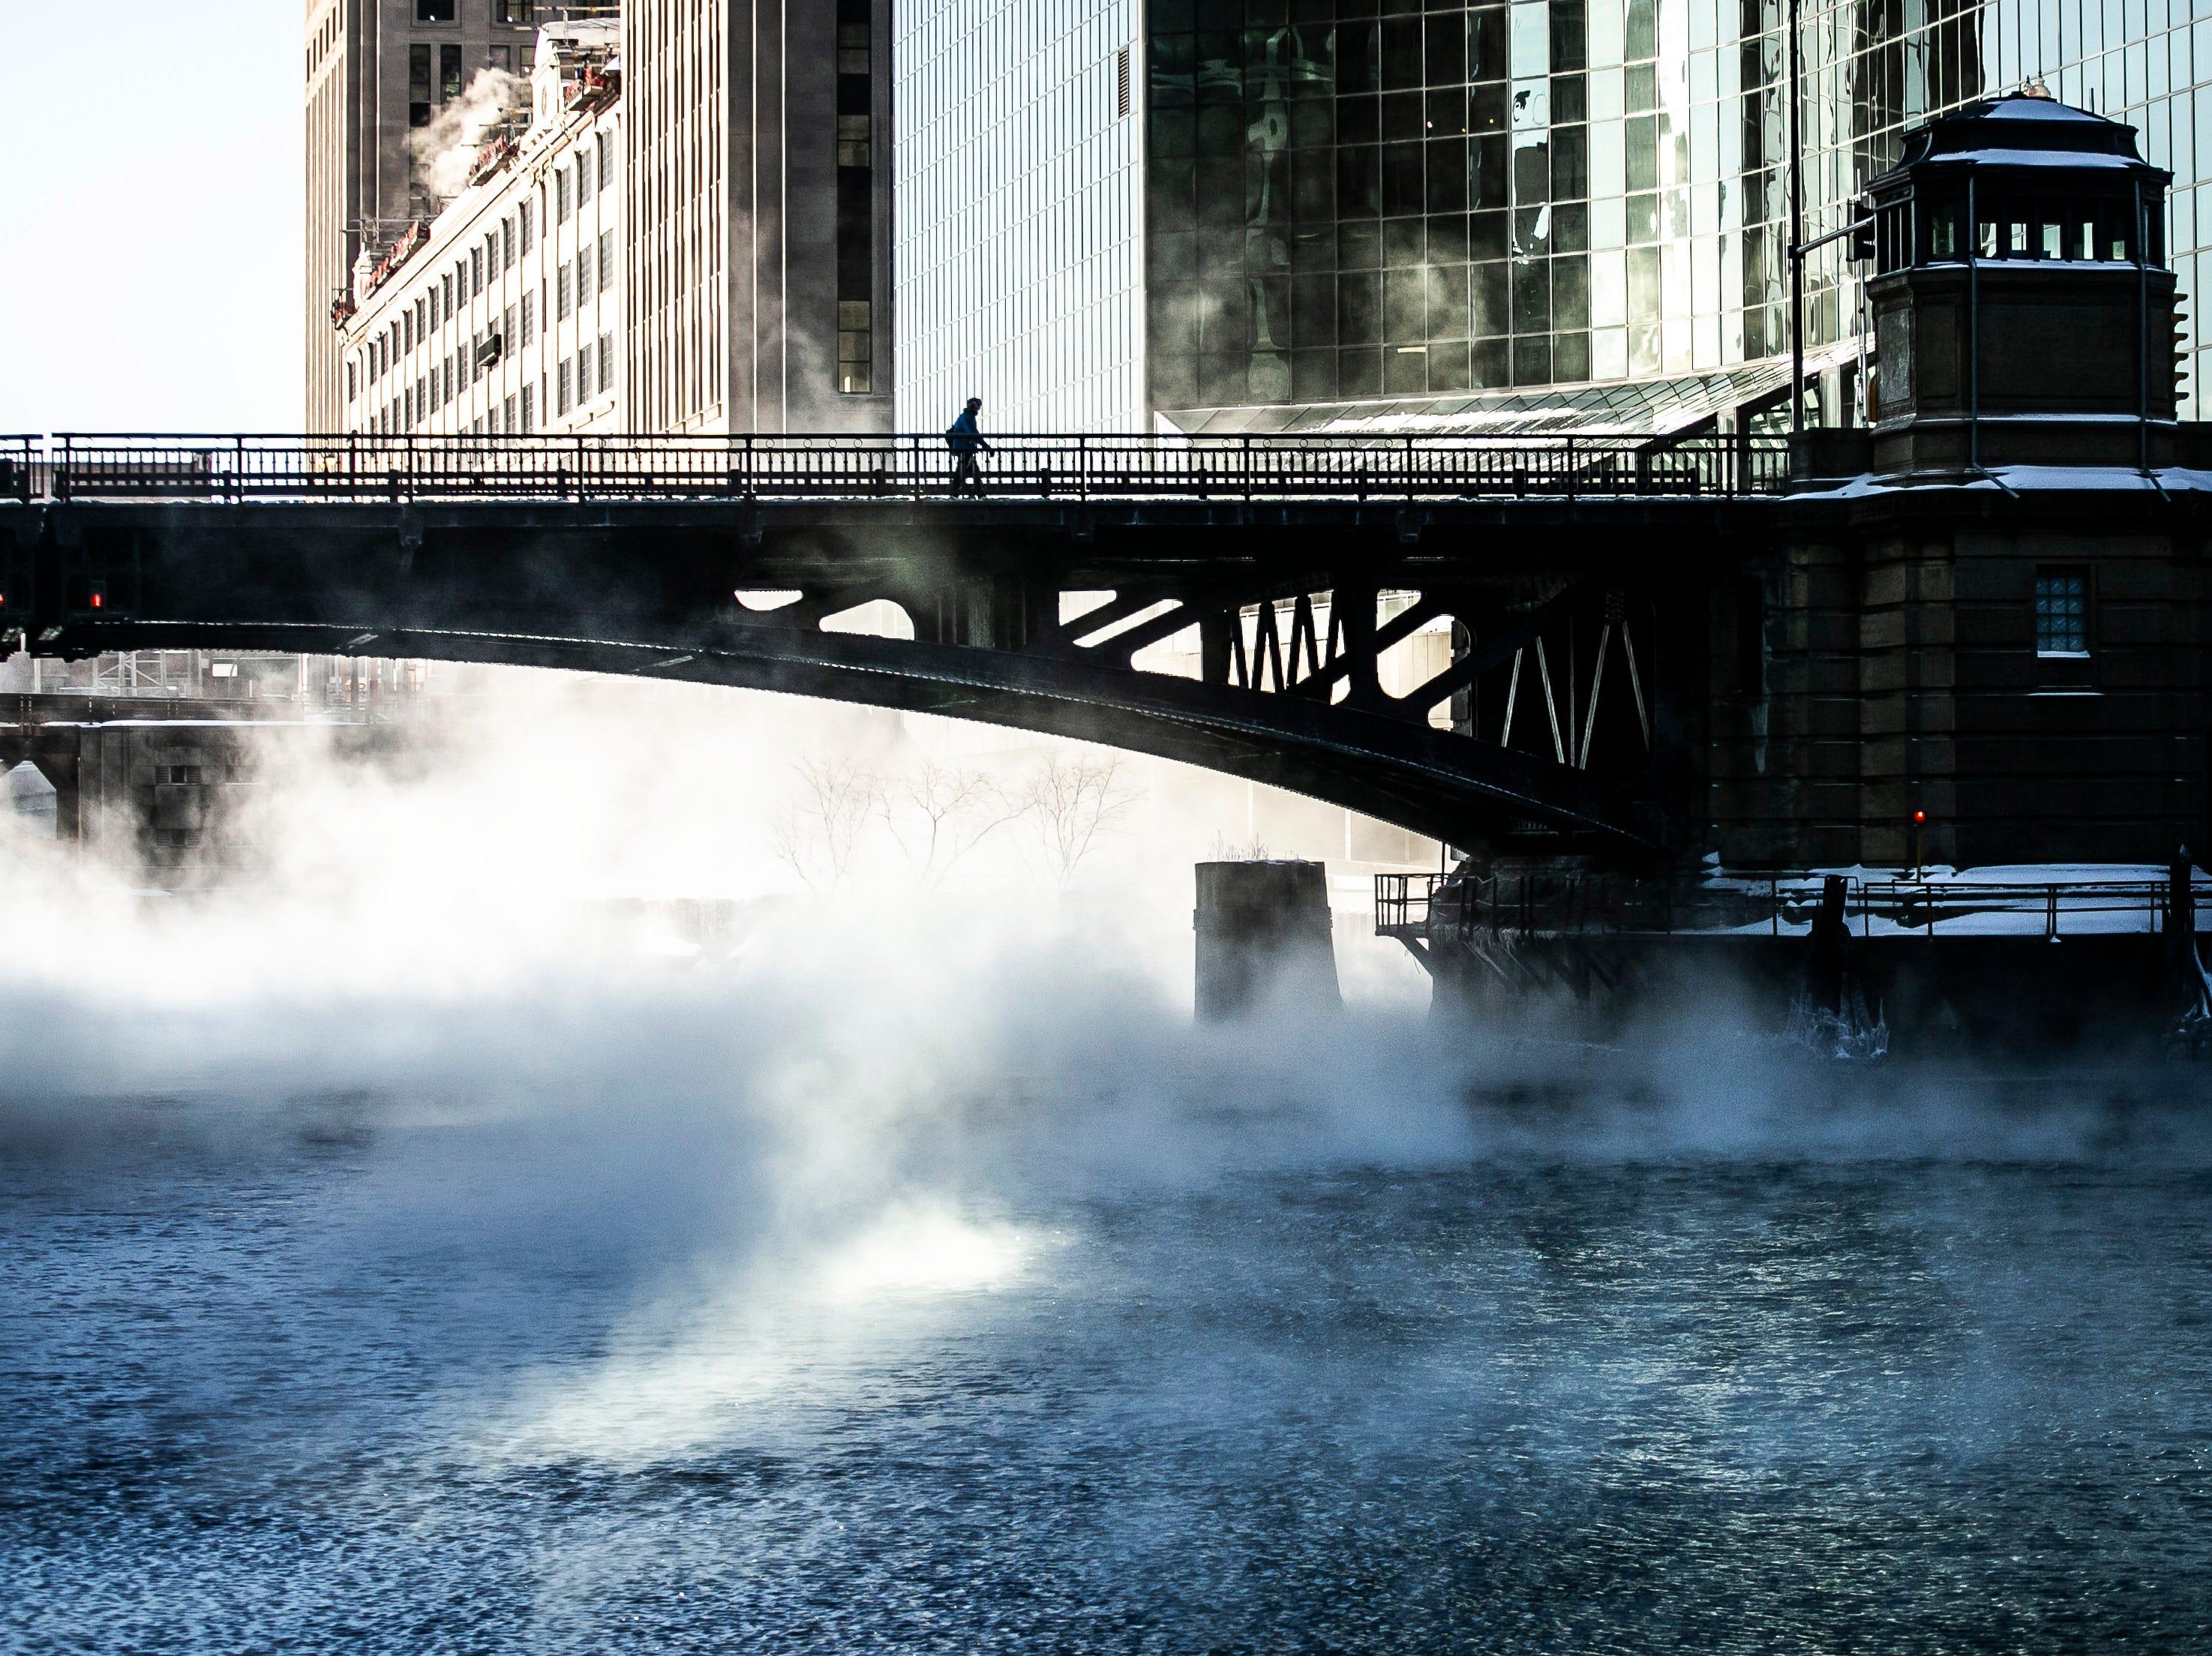 Un peatón solitario cruza el río Chicago el miércoles temprano, 30 de enero de 2019.